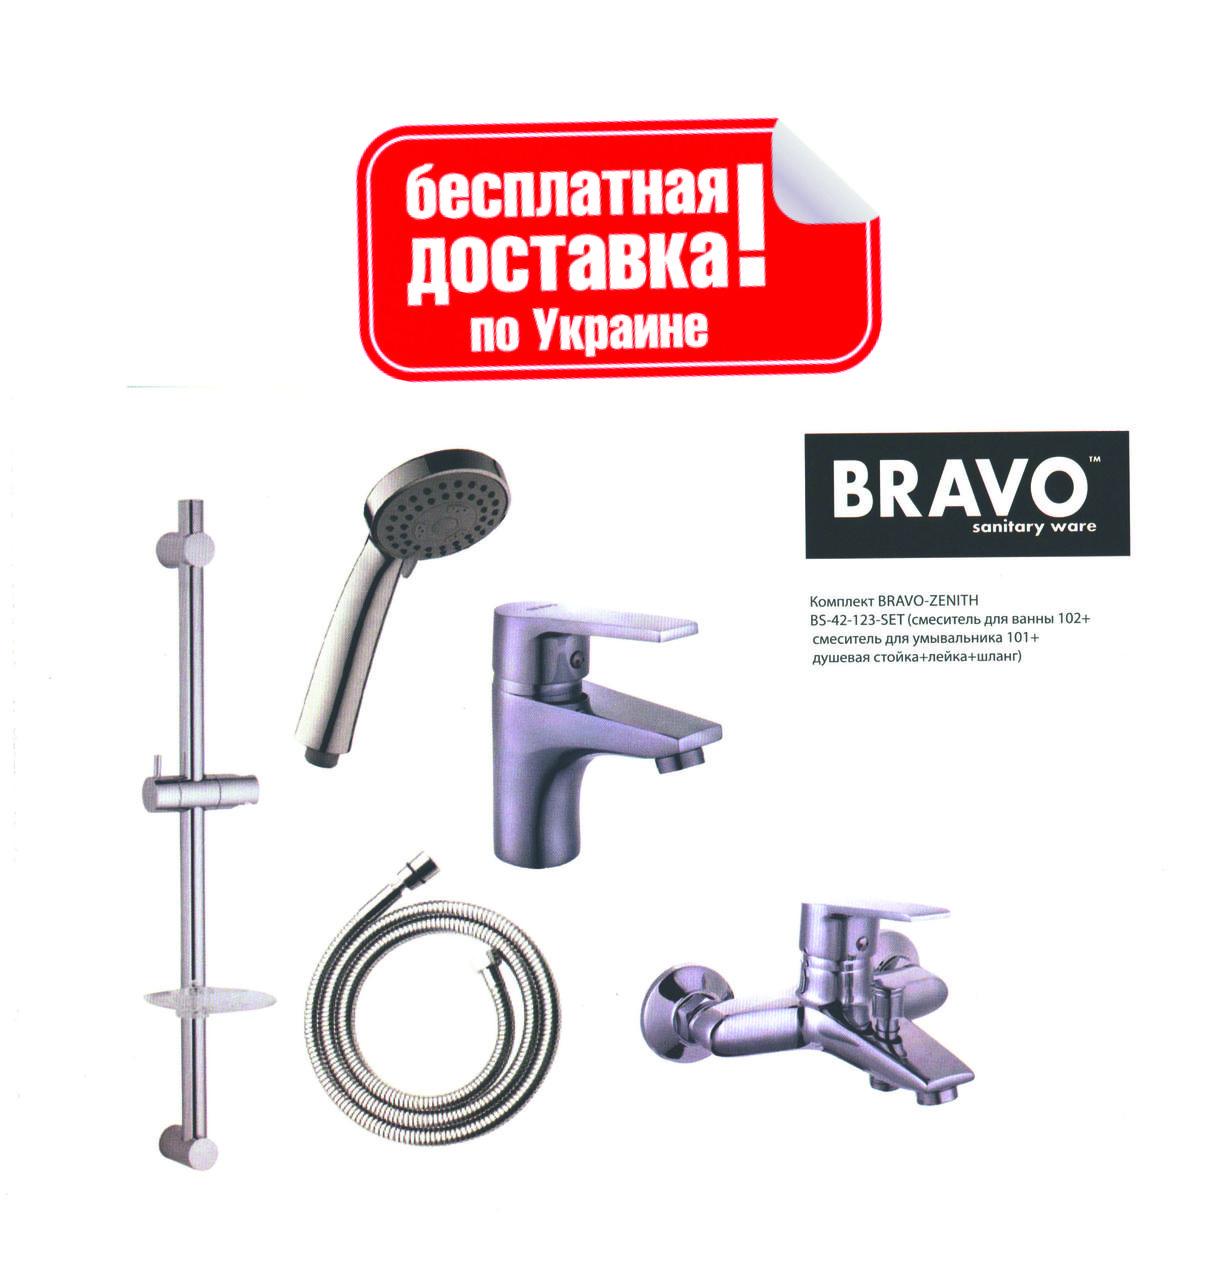 Душевой комплект BRAVO-Zenith DS-42-123-SET